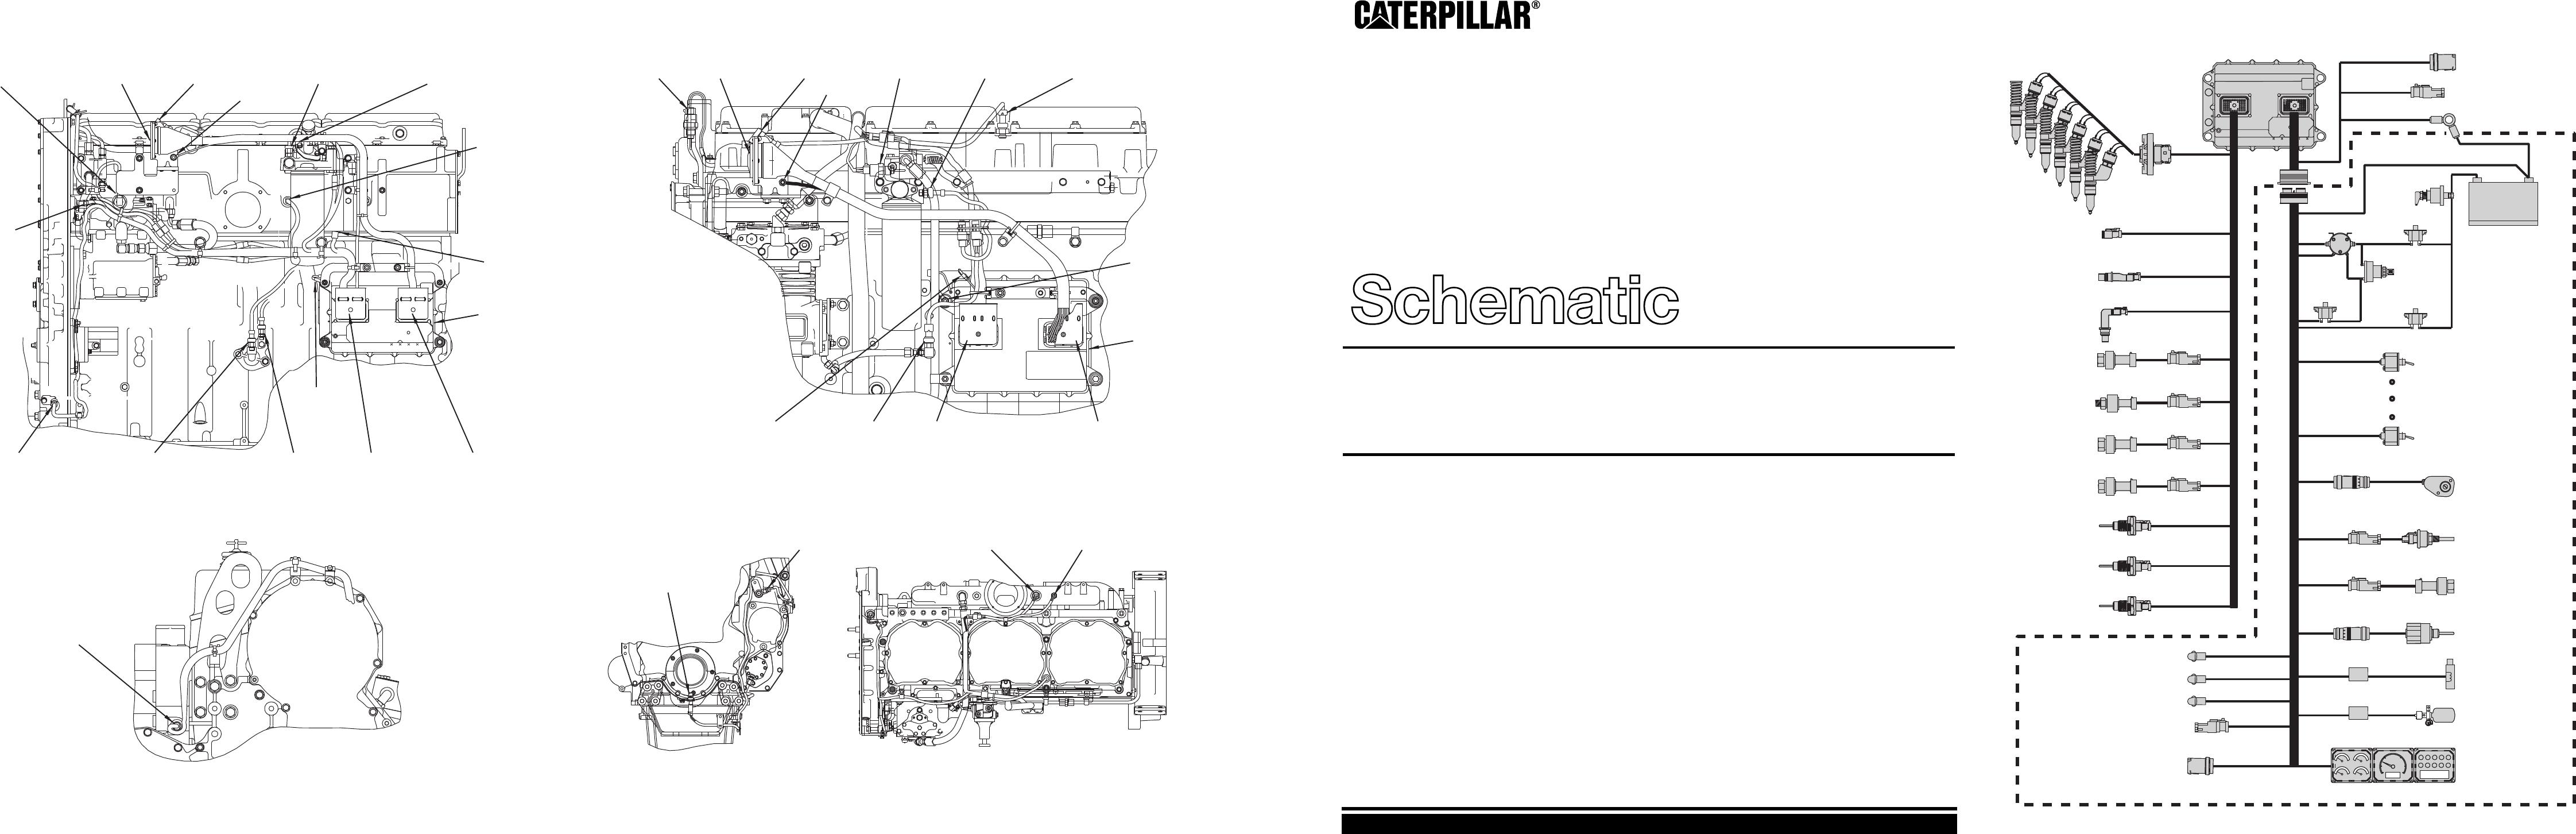 C-10, C-12, C-15 & C-16 INDUSTRIAL ENGINES – ELECTRICAL